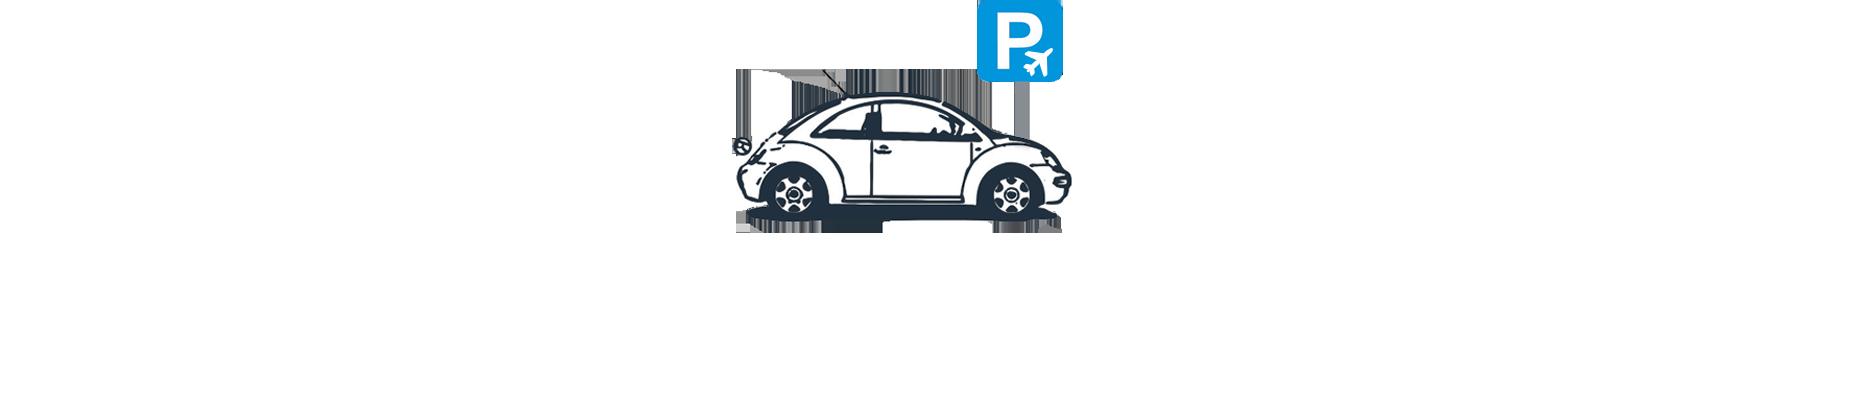 Őrzött reptéri parkoló | Pocket Parking